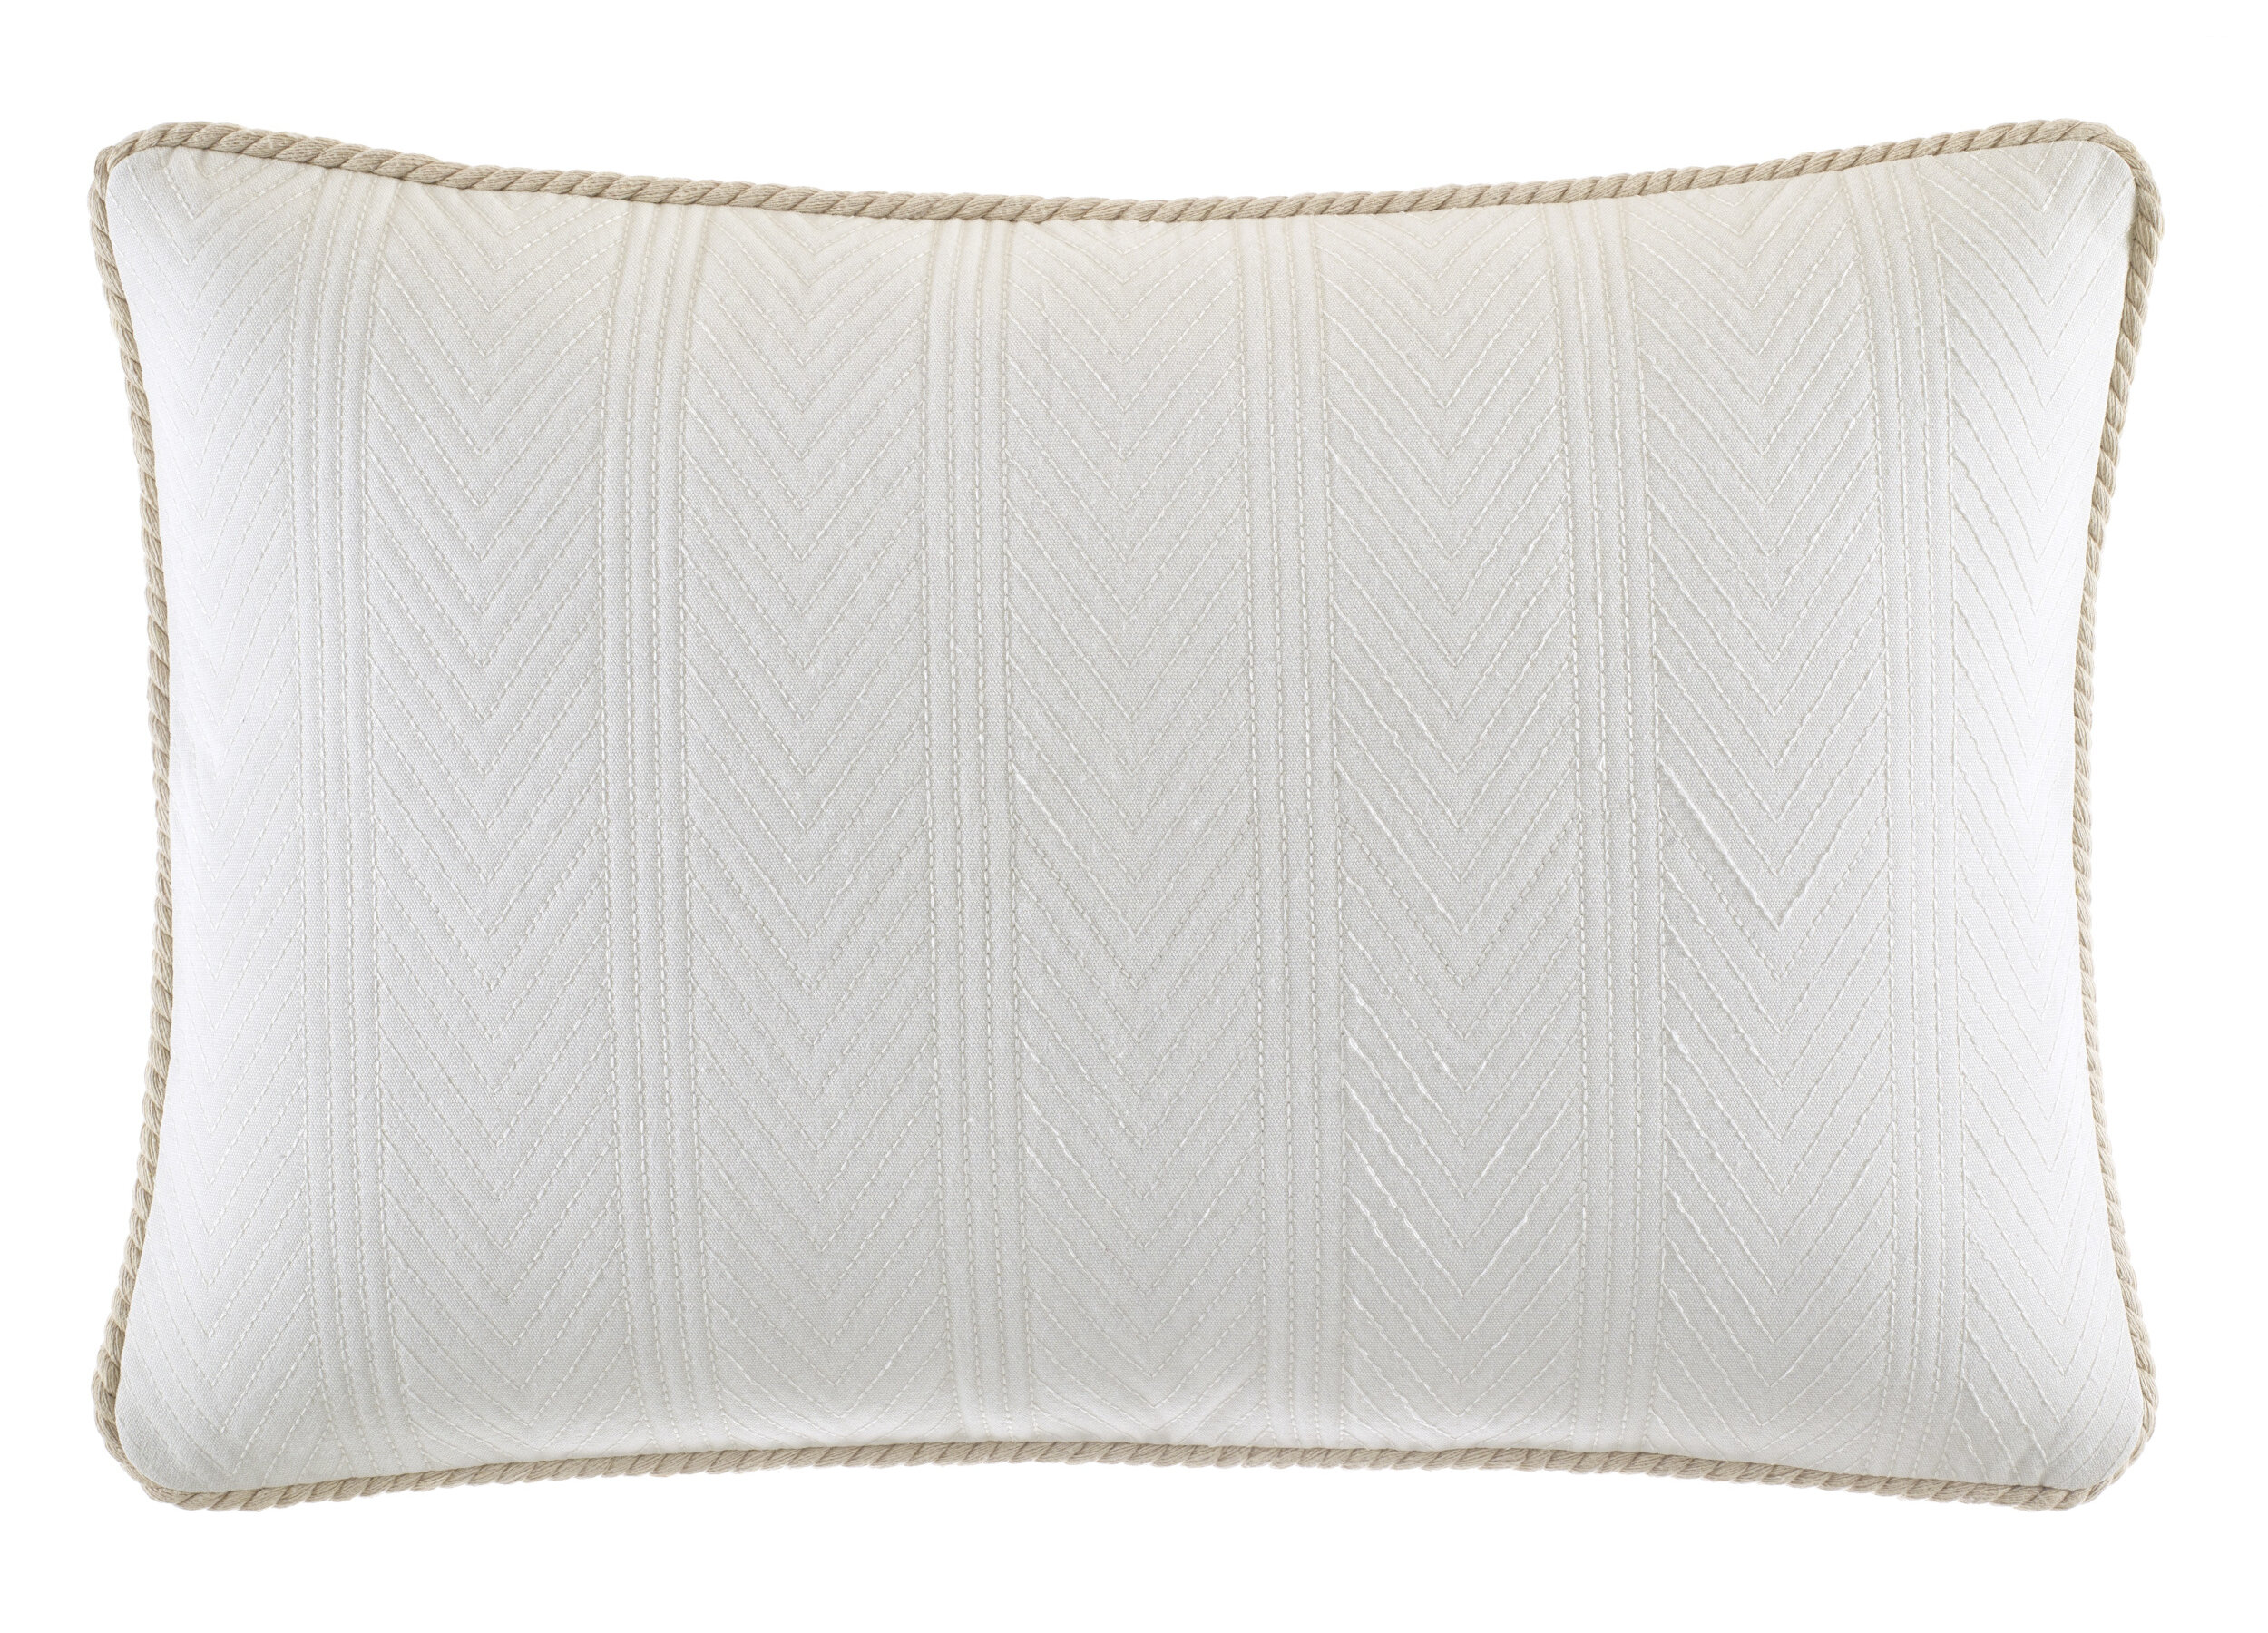 Nautica Saybrook Cotton Lumbar Pillow Reviews Wayfair